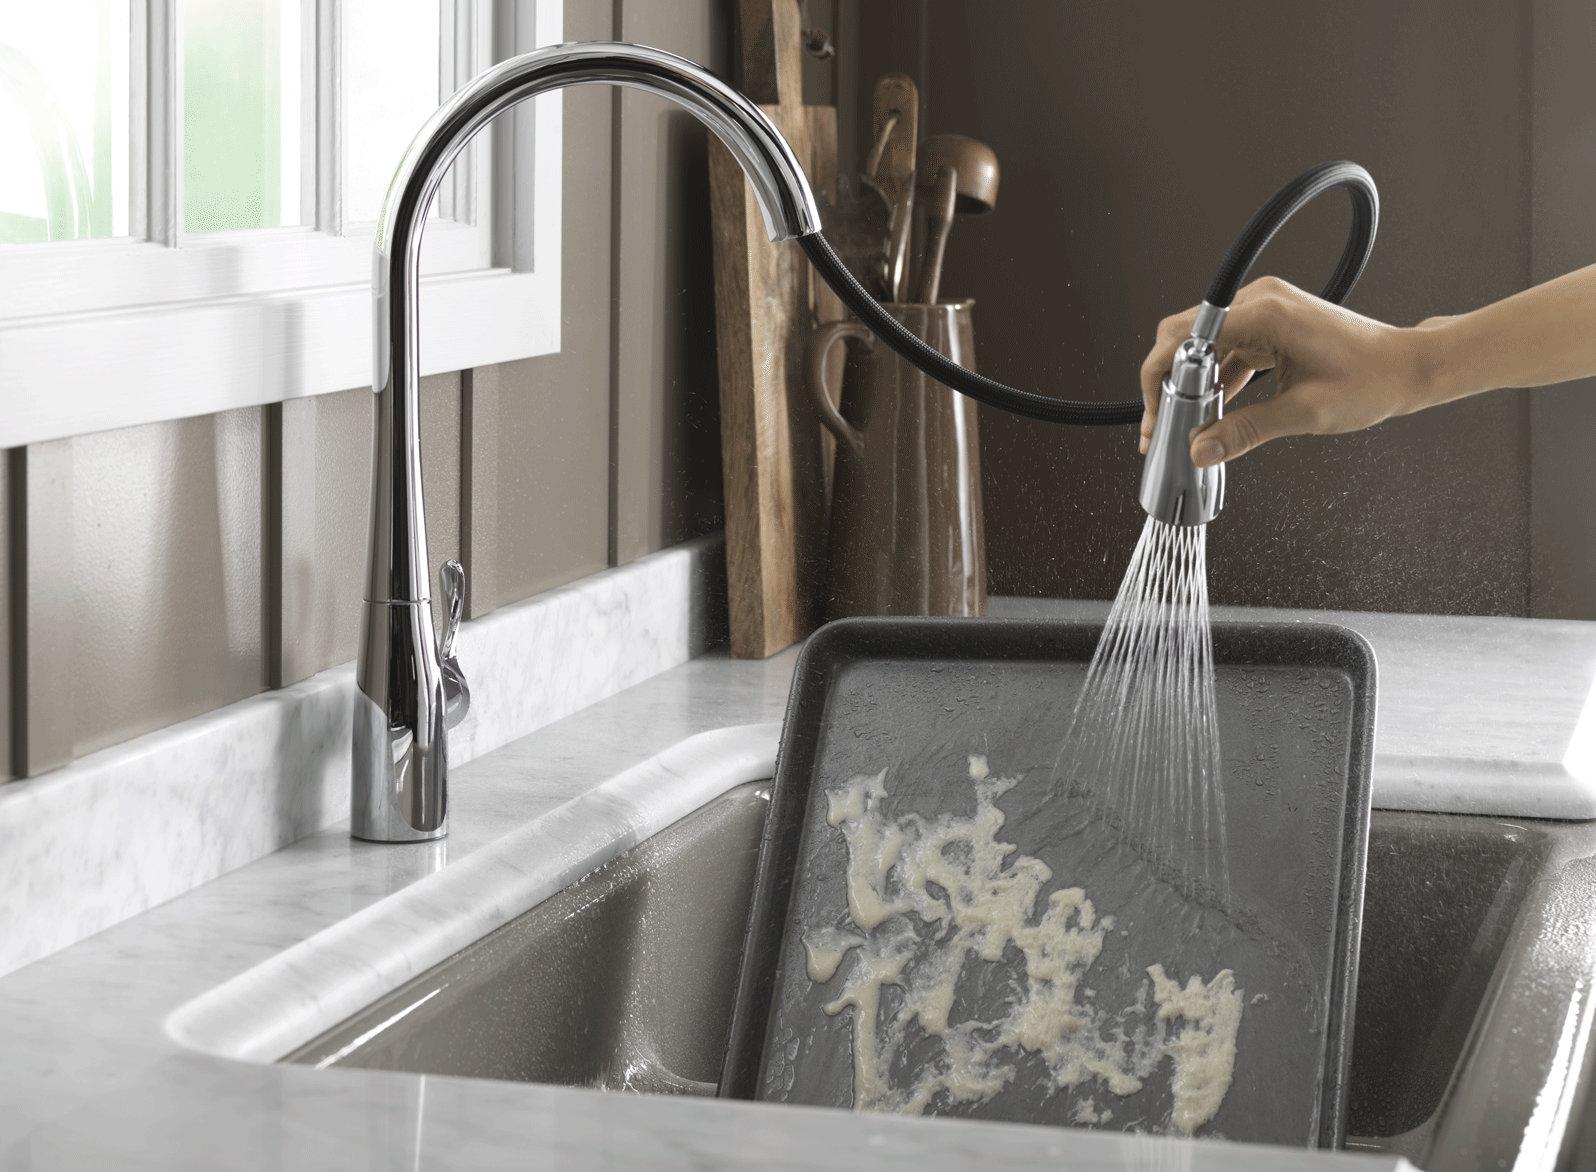 Ideas, no touch kitchen sensor faucet regarding size 1596 x 1172  .